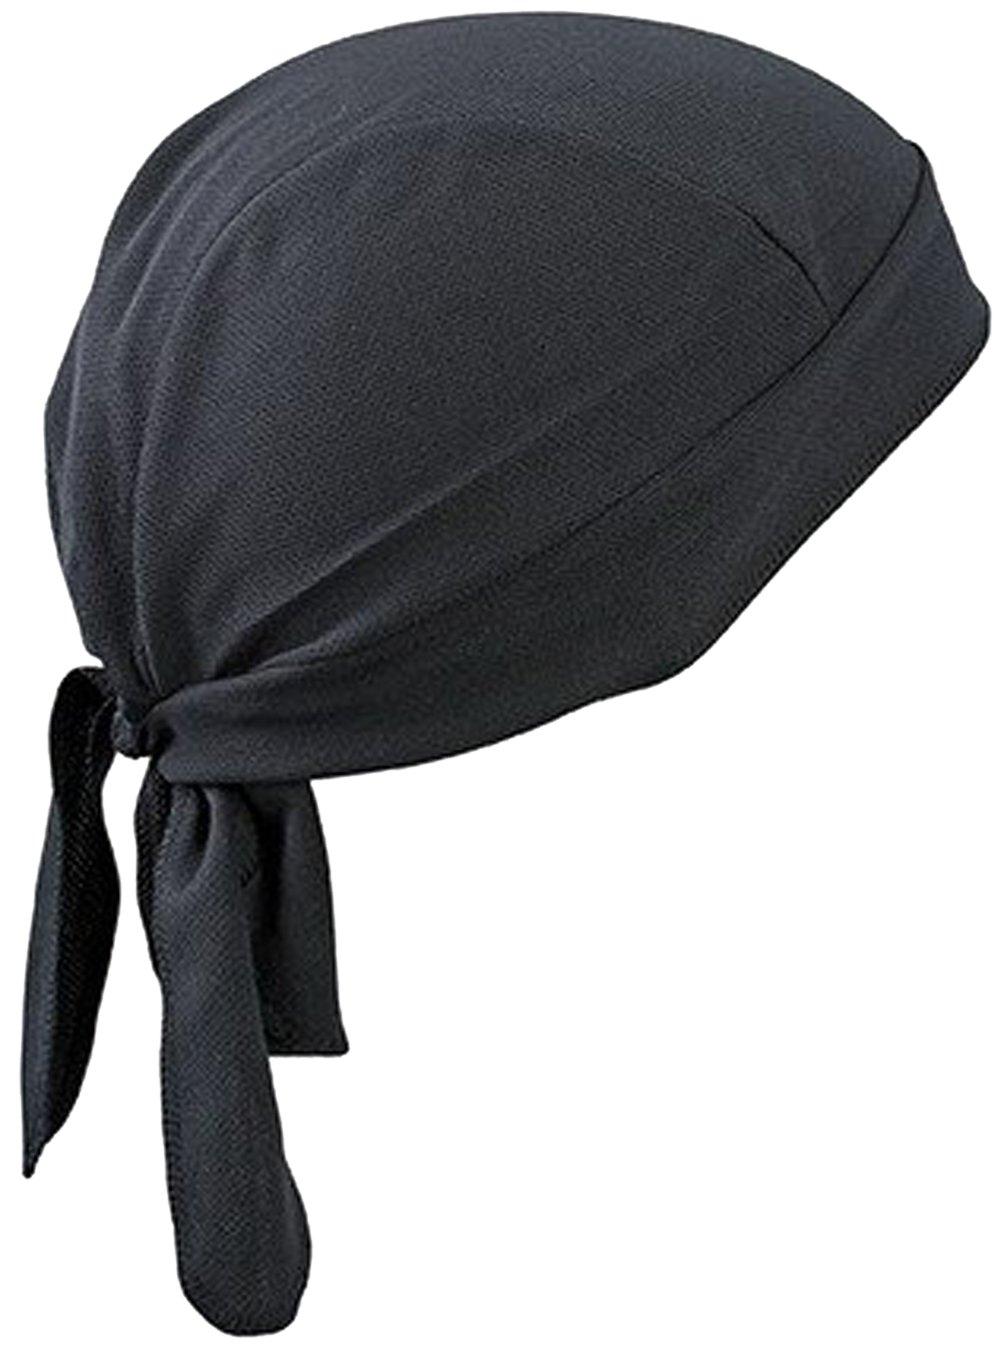 Bandana per adulti, Fascia sportiva veloce asciugatura sole con protezione UV a Bandana, berretto da ciclismo da corsa, per moto e bici, motivo: teschio, sotto il casco